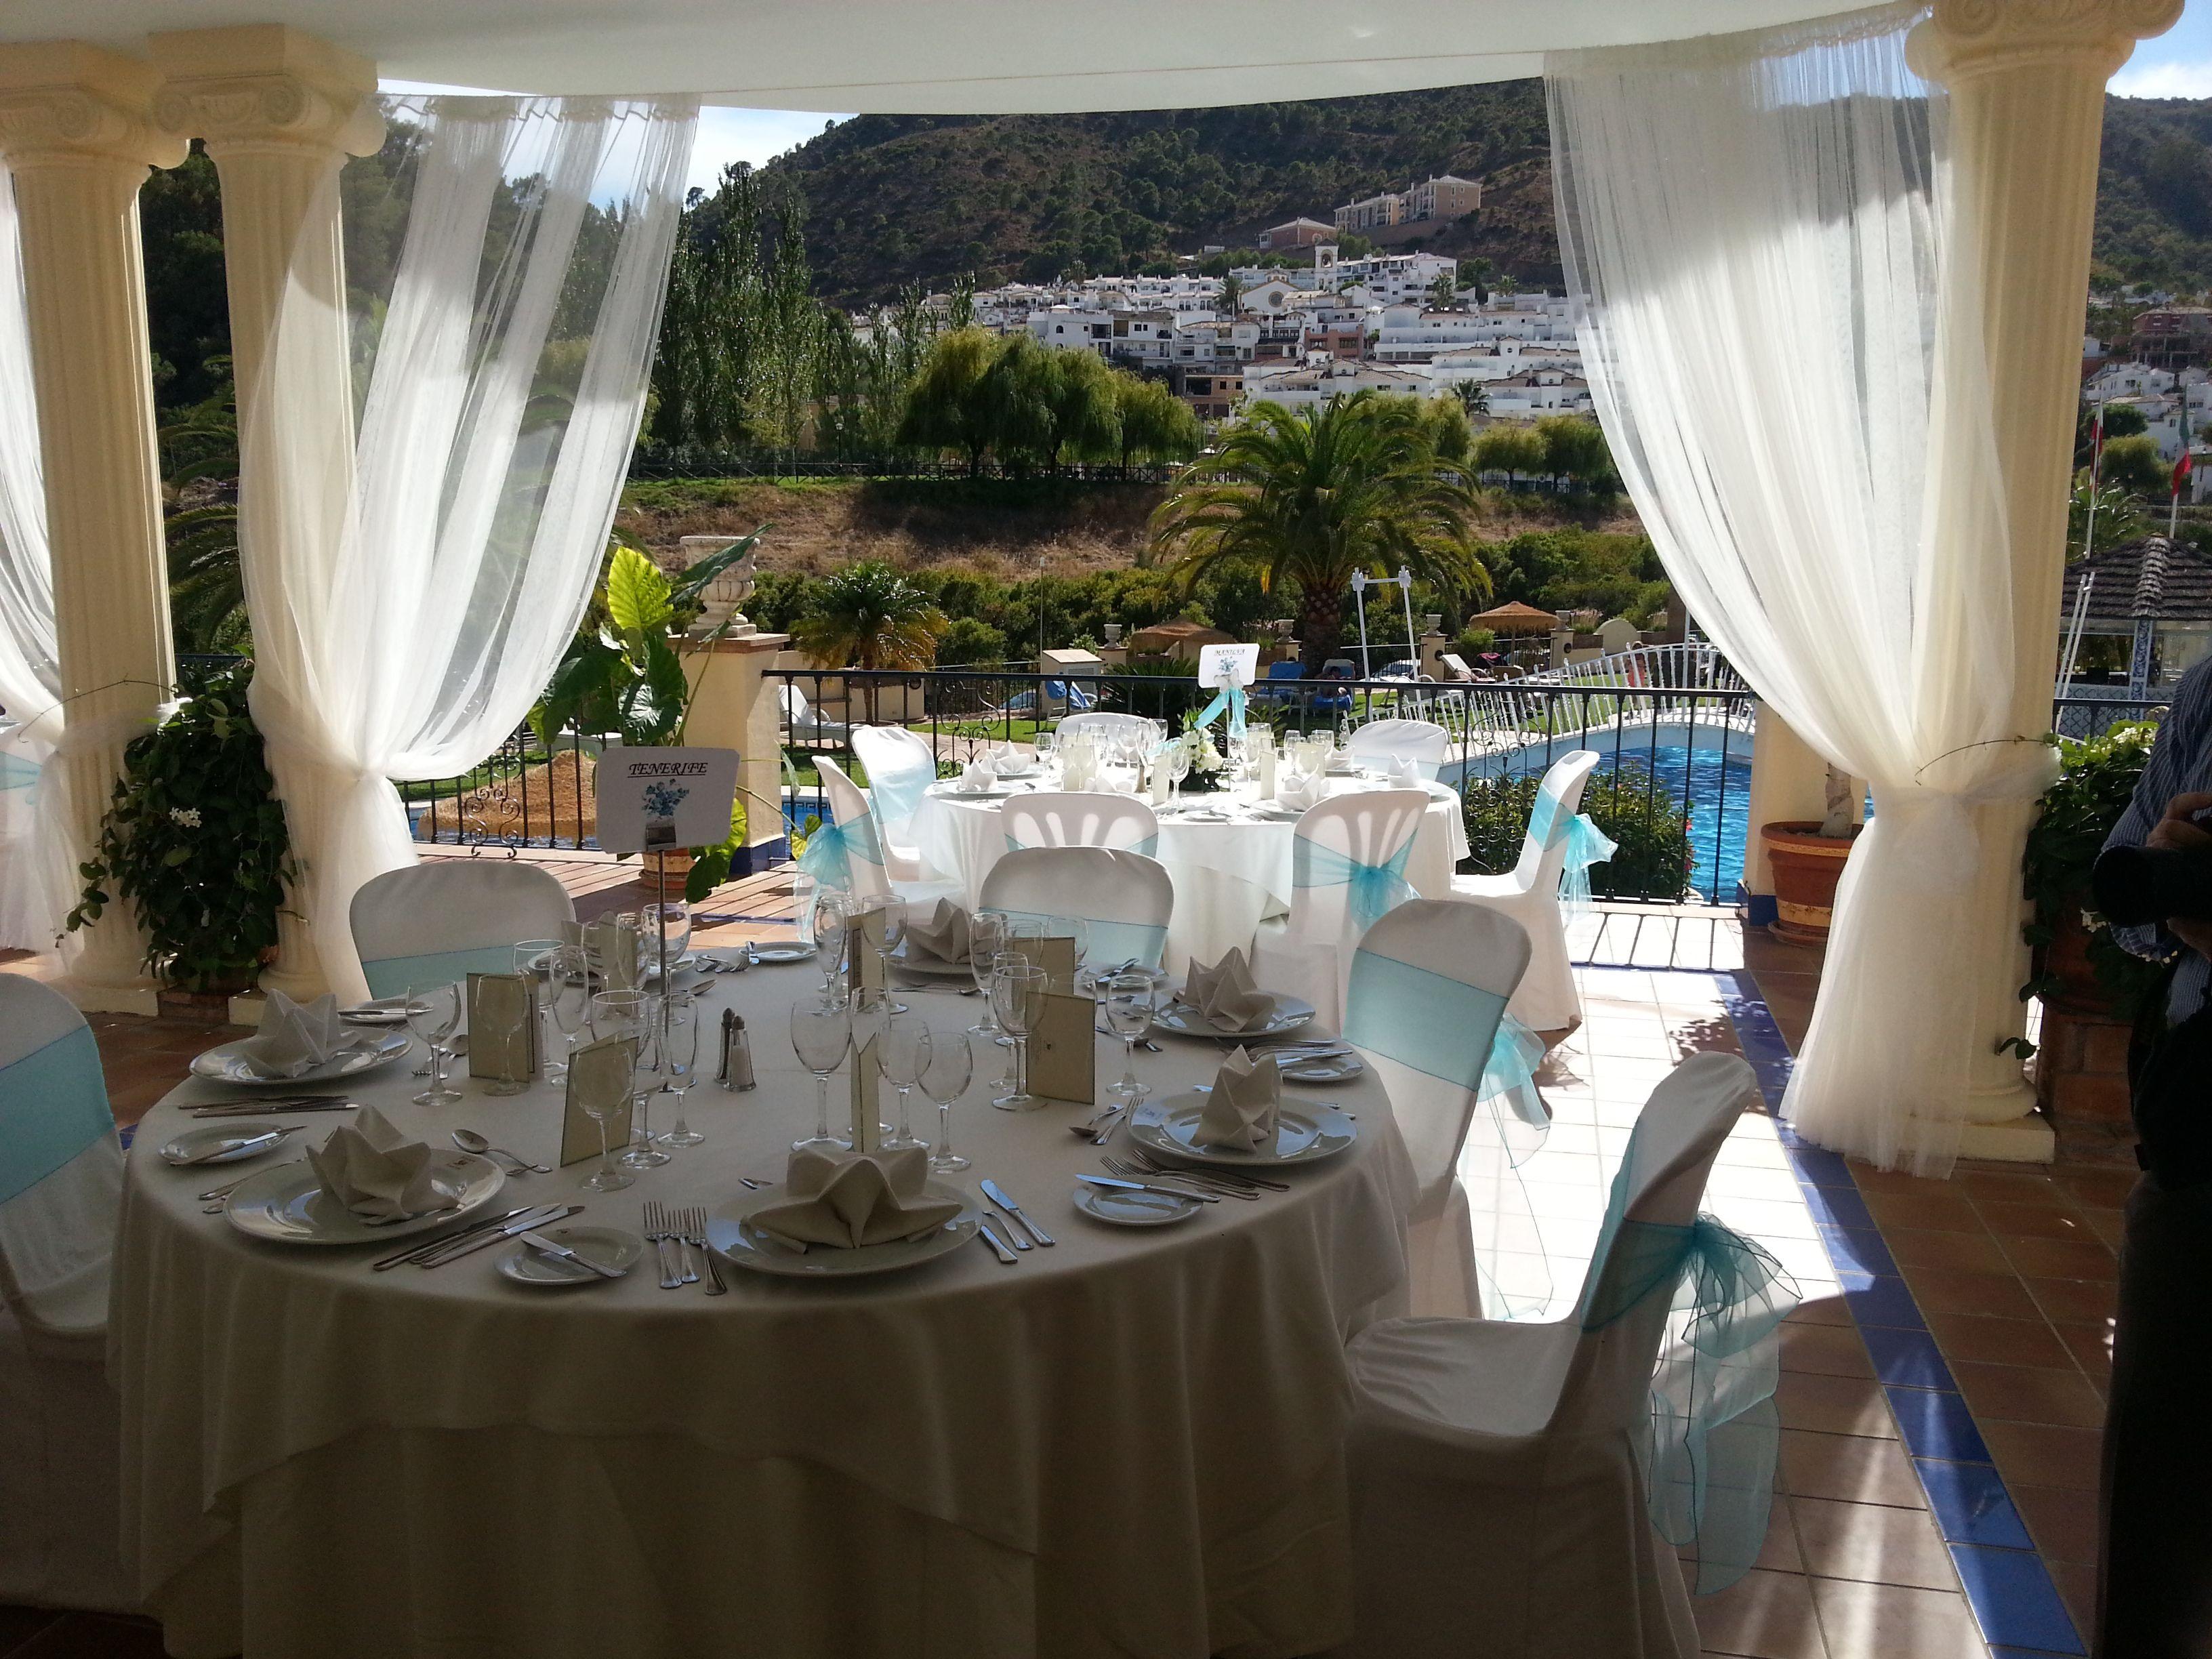 Montaje Cena En La Terraza De Los Molinos Gran Hotel Benahavis Home Decor Table Decorations Home